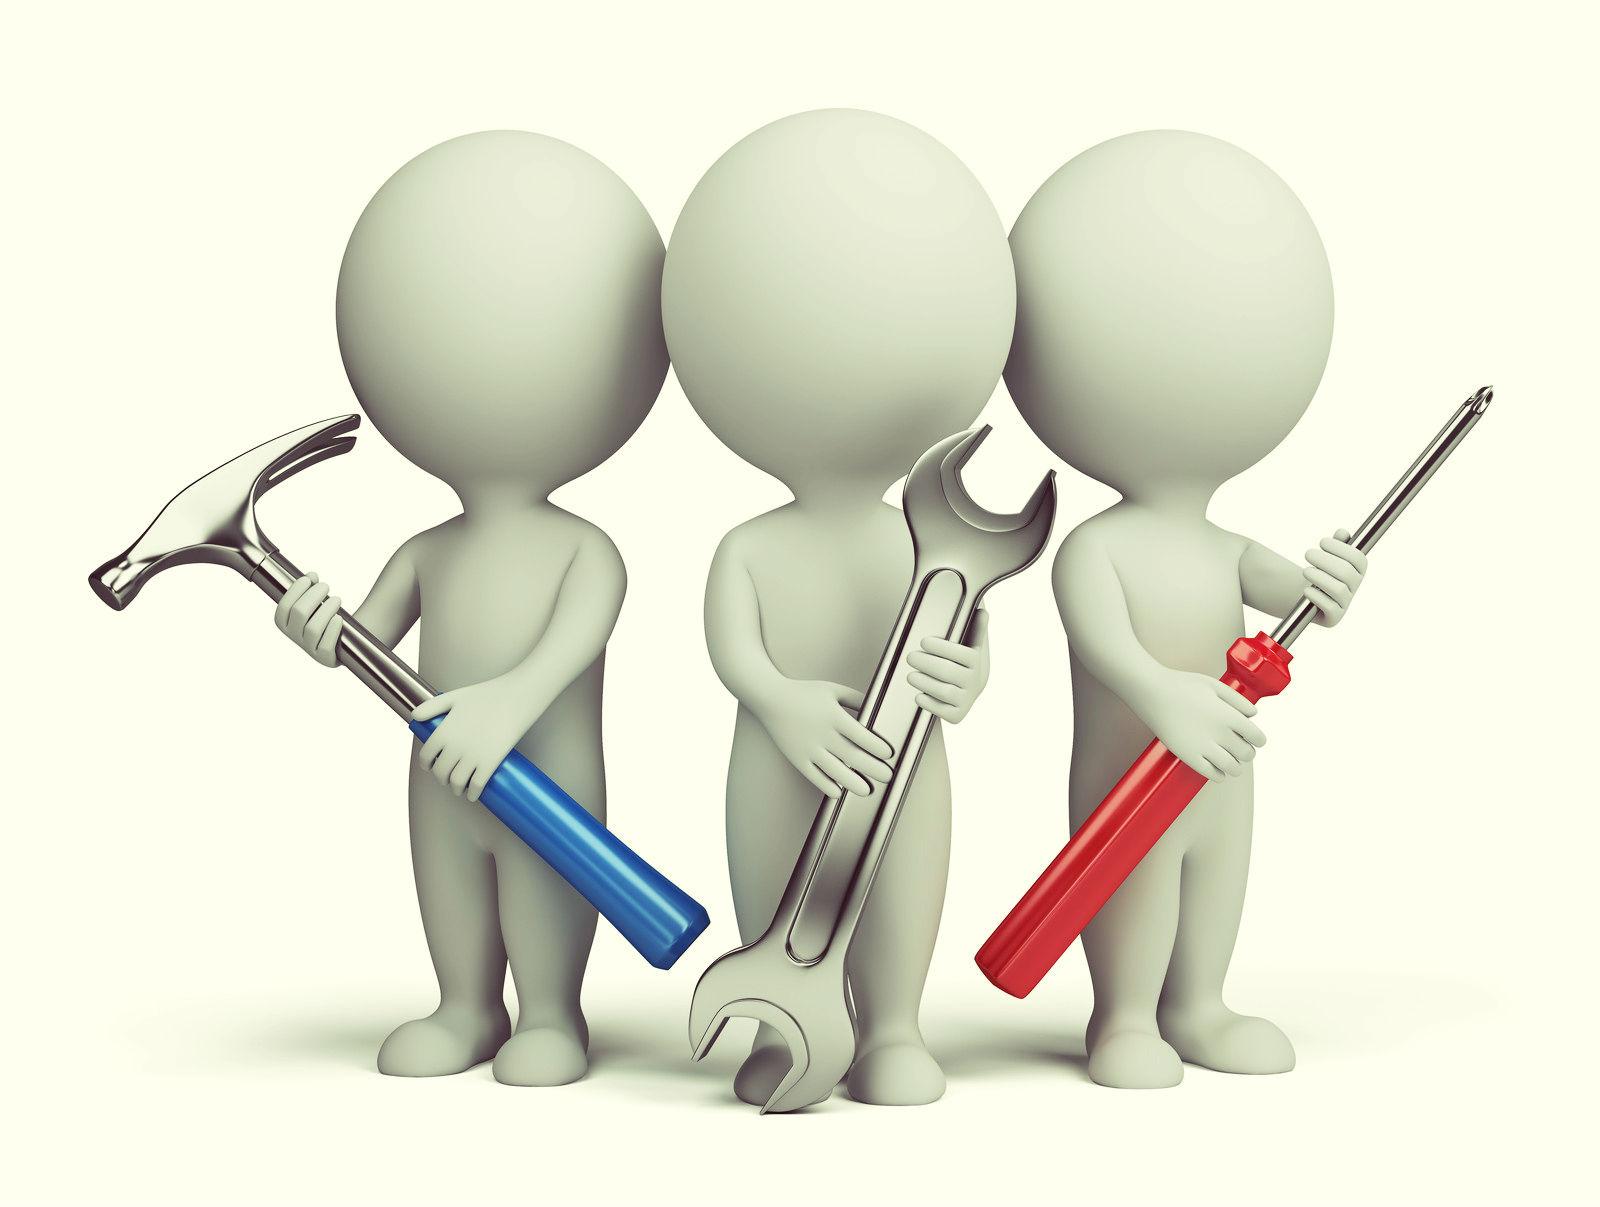 strunguri cu dispozitiv de copiere reparare si intretinere